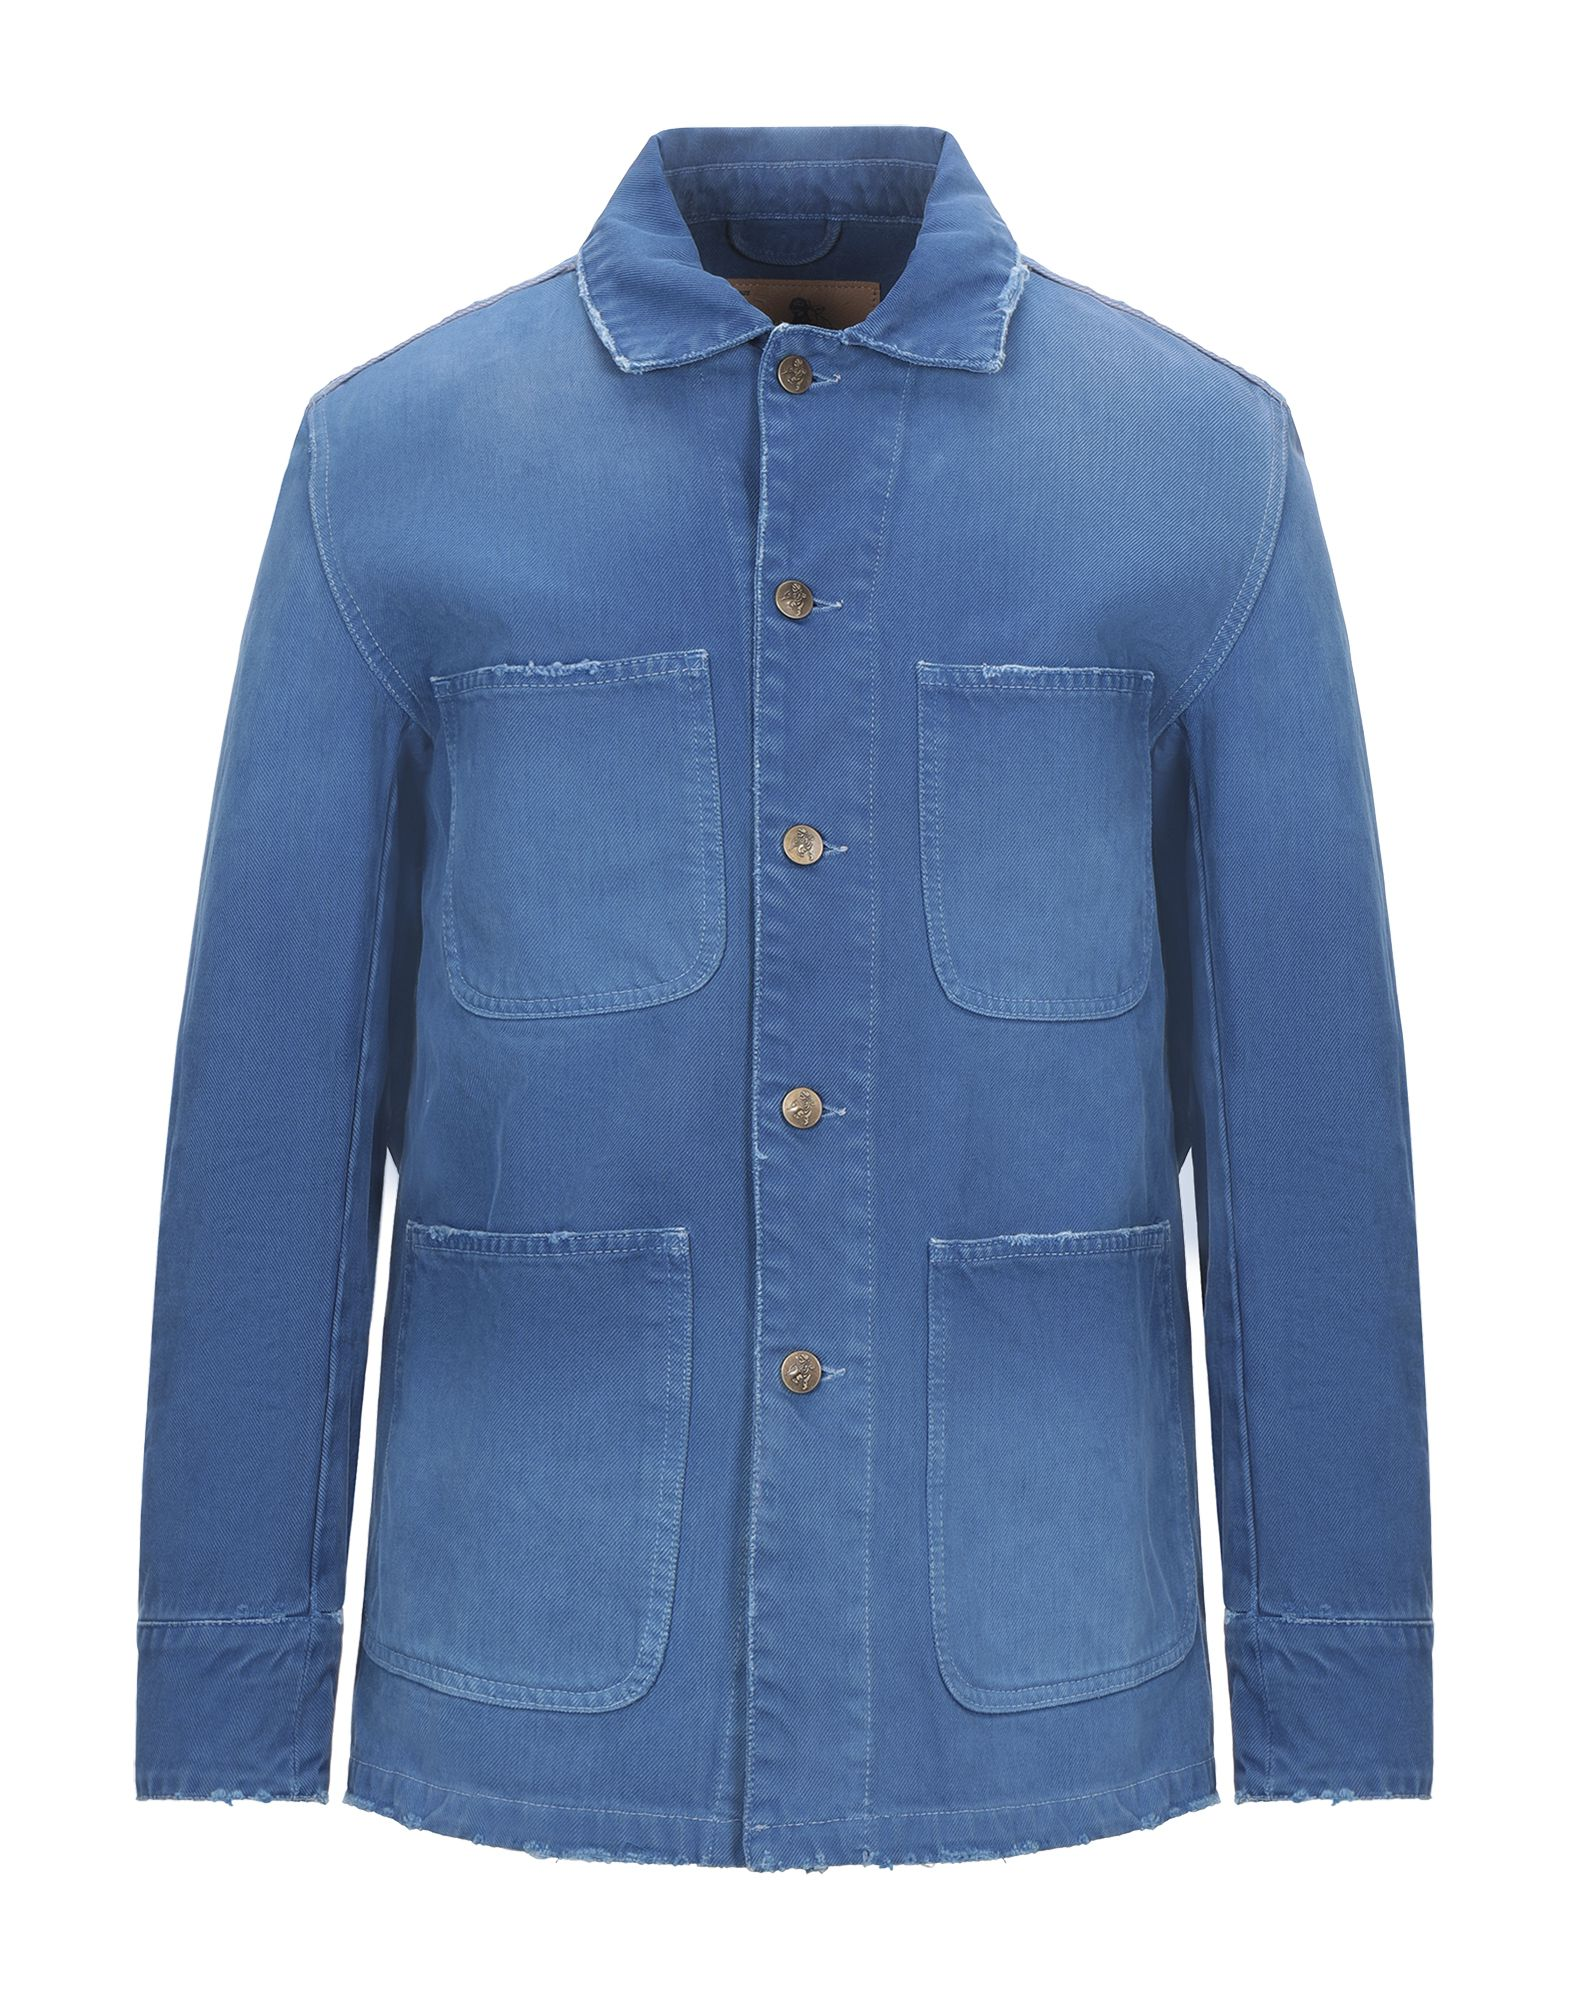 PRPS Джинсовая верхняя одежда yeezy джинсовая верхняя одежда